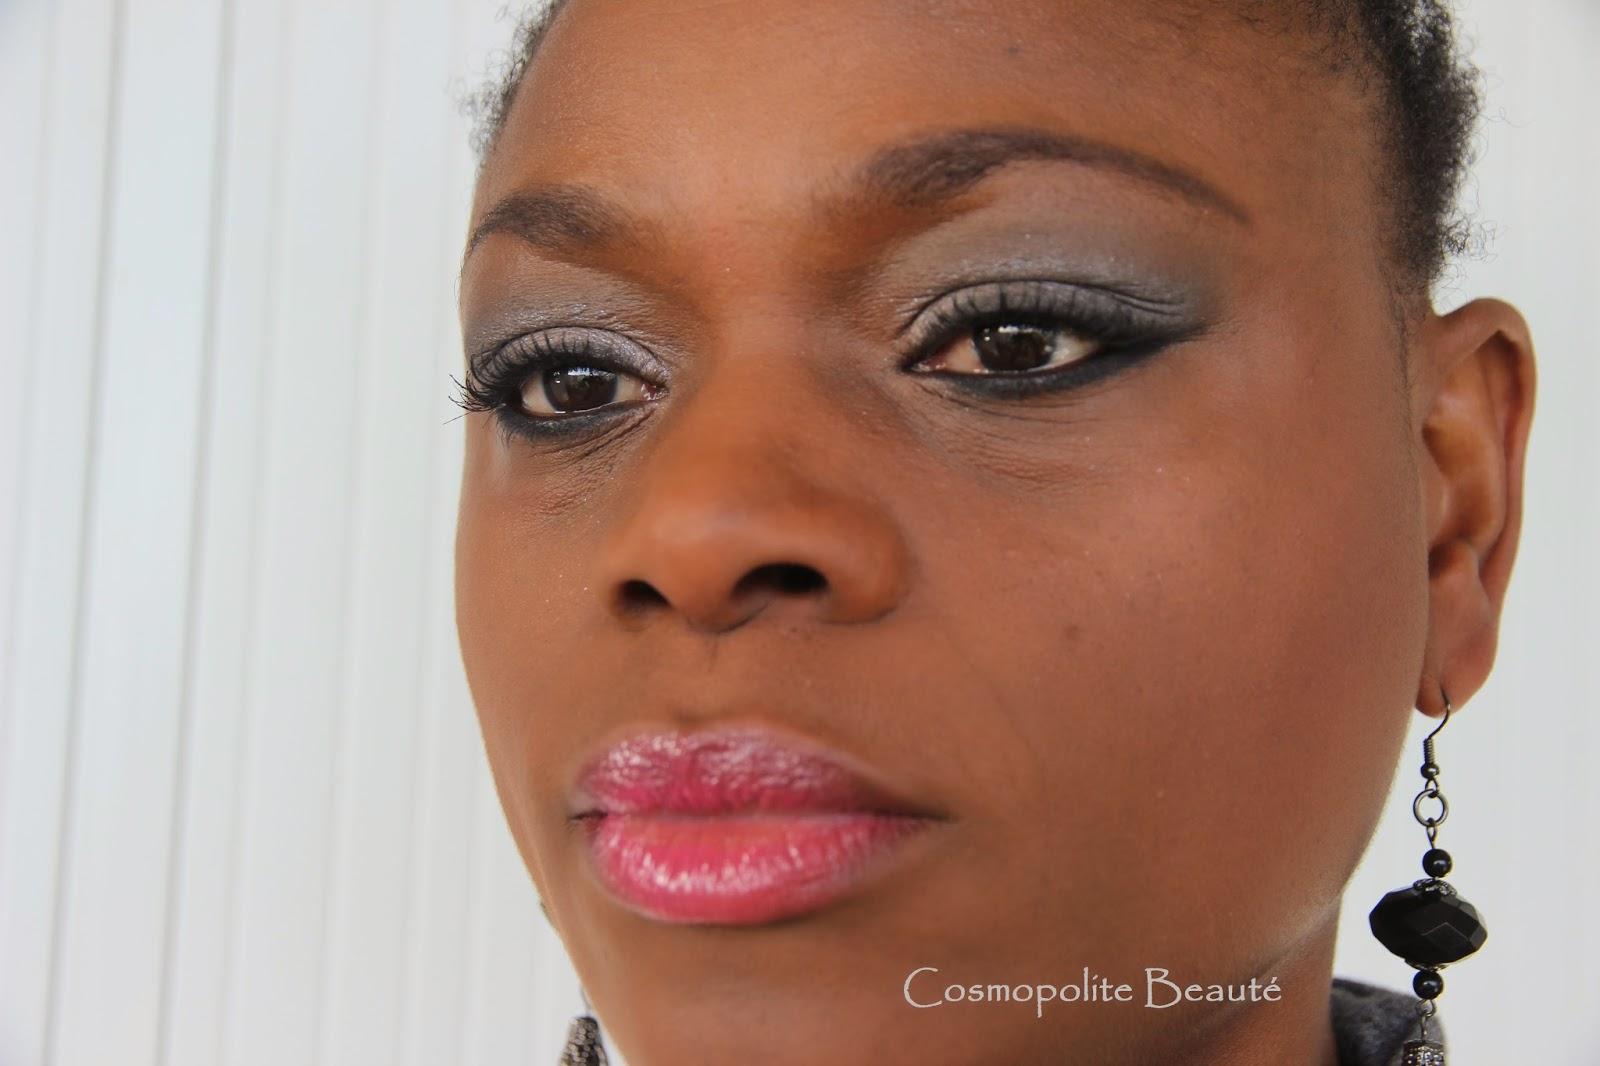 tuto makeup, pas à pas, step by step, maquillage, cosmopolite beauté, makeup, tutoriel, se maquiller, fard à paupière, eyeshadow